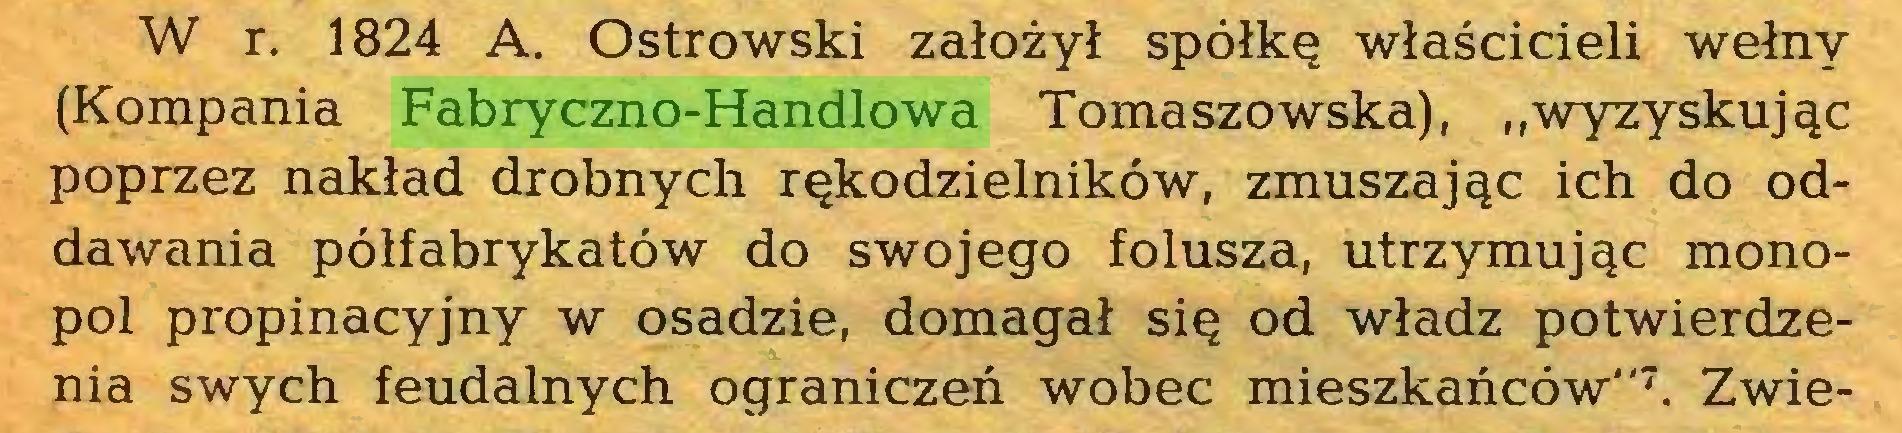 """(...) W r. 1824 A. Ostrowski założył spółkę właścicieli wełny (Kompania Fabryczno-Handlowa Tomaszowska), """"wyzyskując poprzez nakład drobnych rękodzielników, zmuszając ich do oddawania półfabrykatów do swojego folusza, utrzymując monopol propinacyjny w osadzie, domagał się od władz potwierdzenia swych feudalnych ograniczeń wobec mieszkańców""""7. Zwie..."""